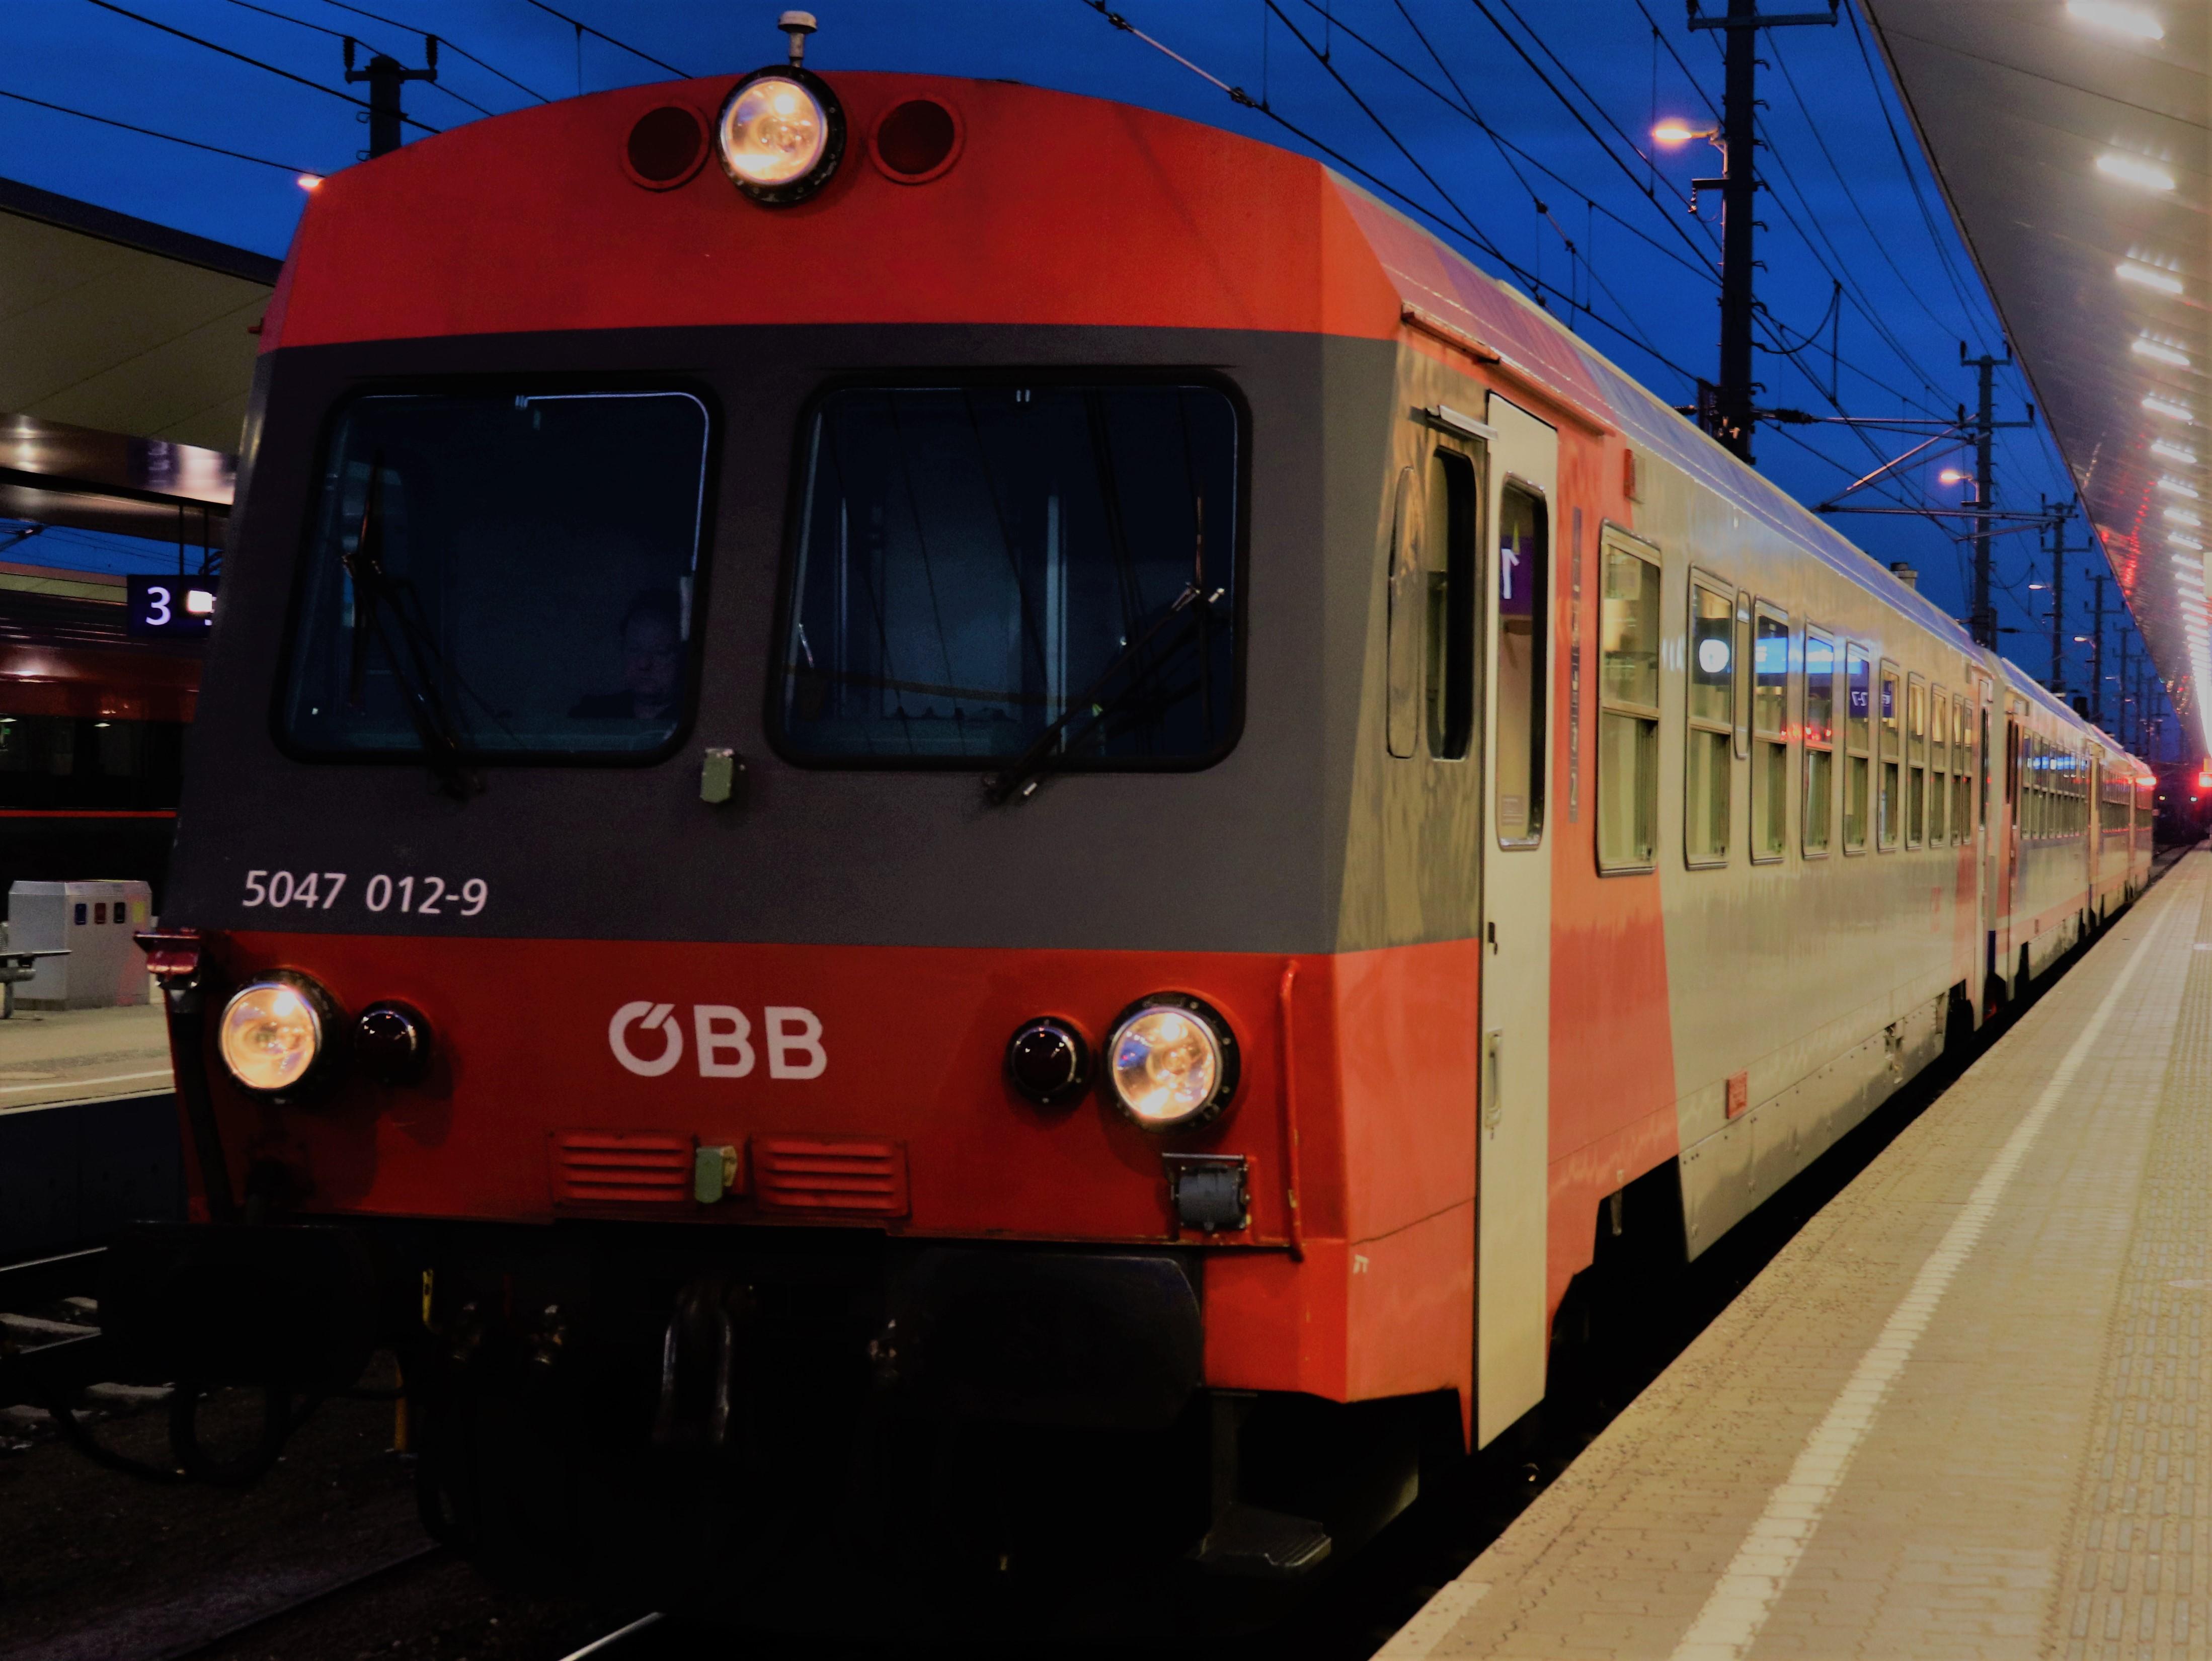 Vierfachtraktion von ÖBB 5047 im Hauptbahnhof von St. Pölten